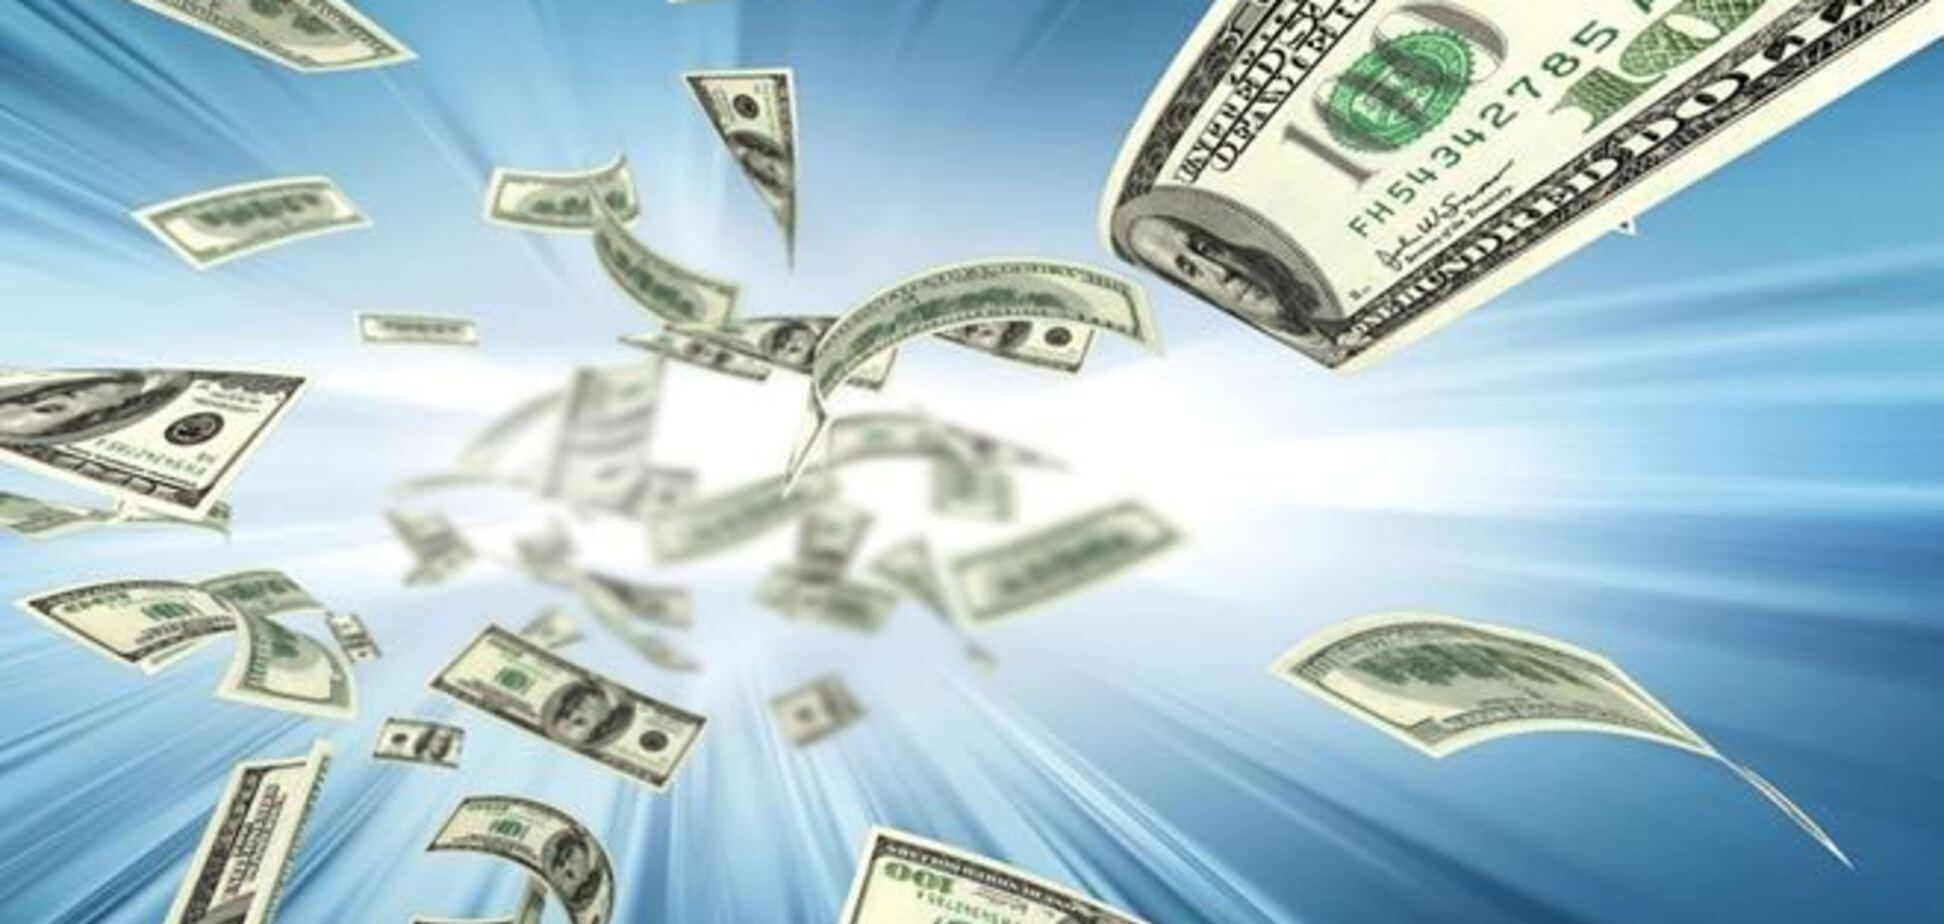 Валютные качели: доллар подорожает и успокоится